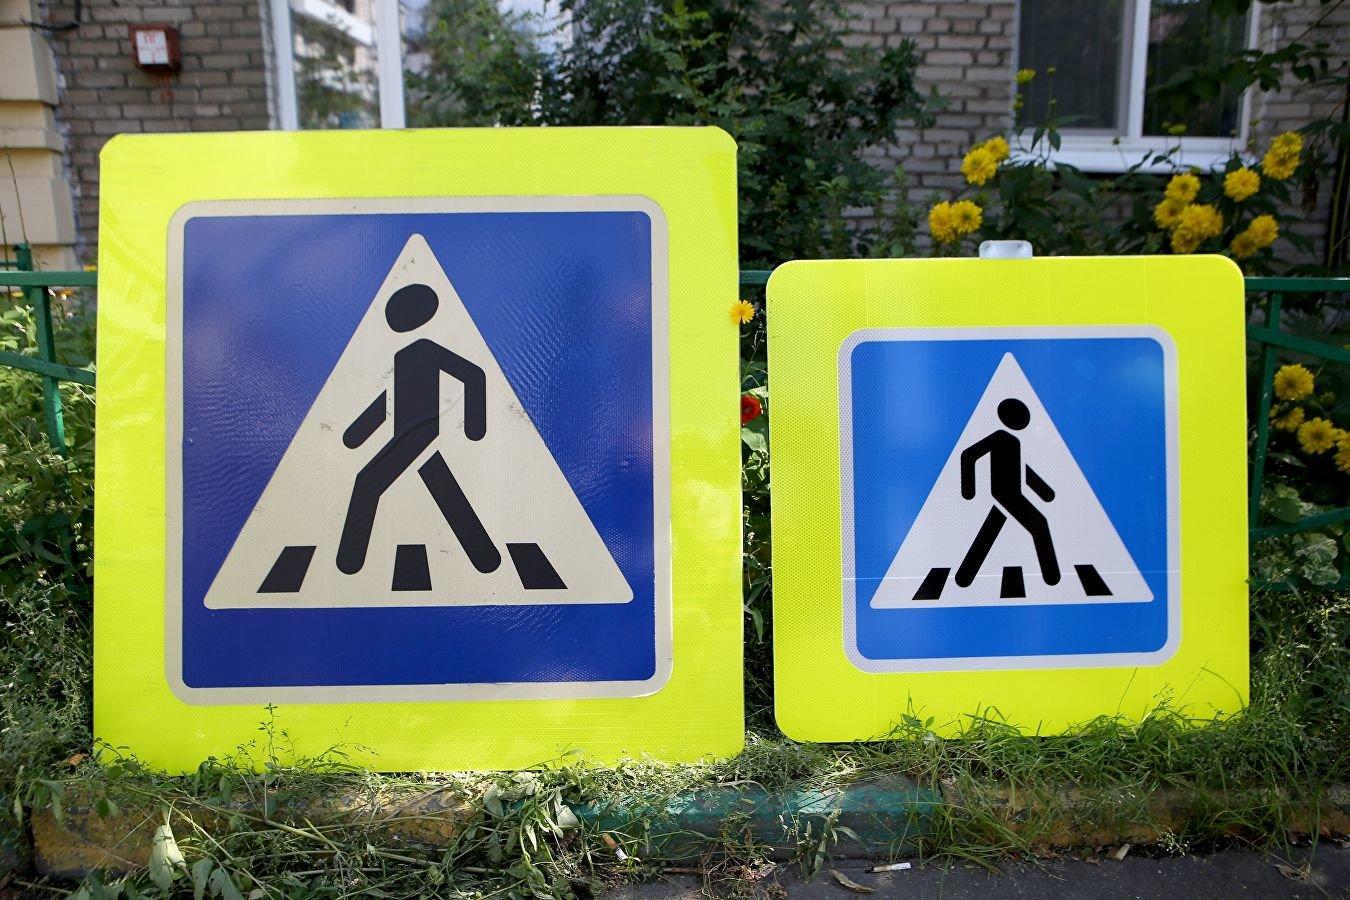 У селі на Волині вимагають встановити дорожні знаки для безпеки дітей